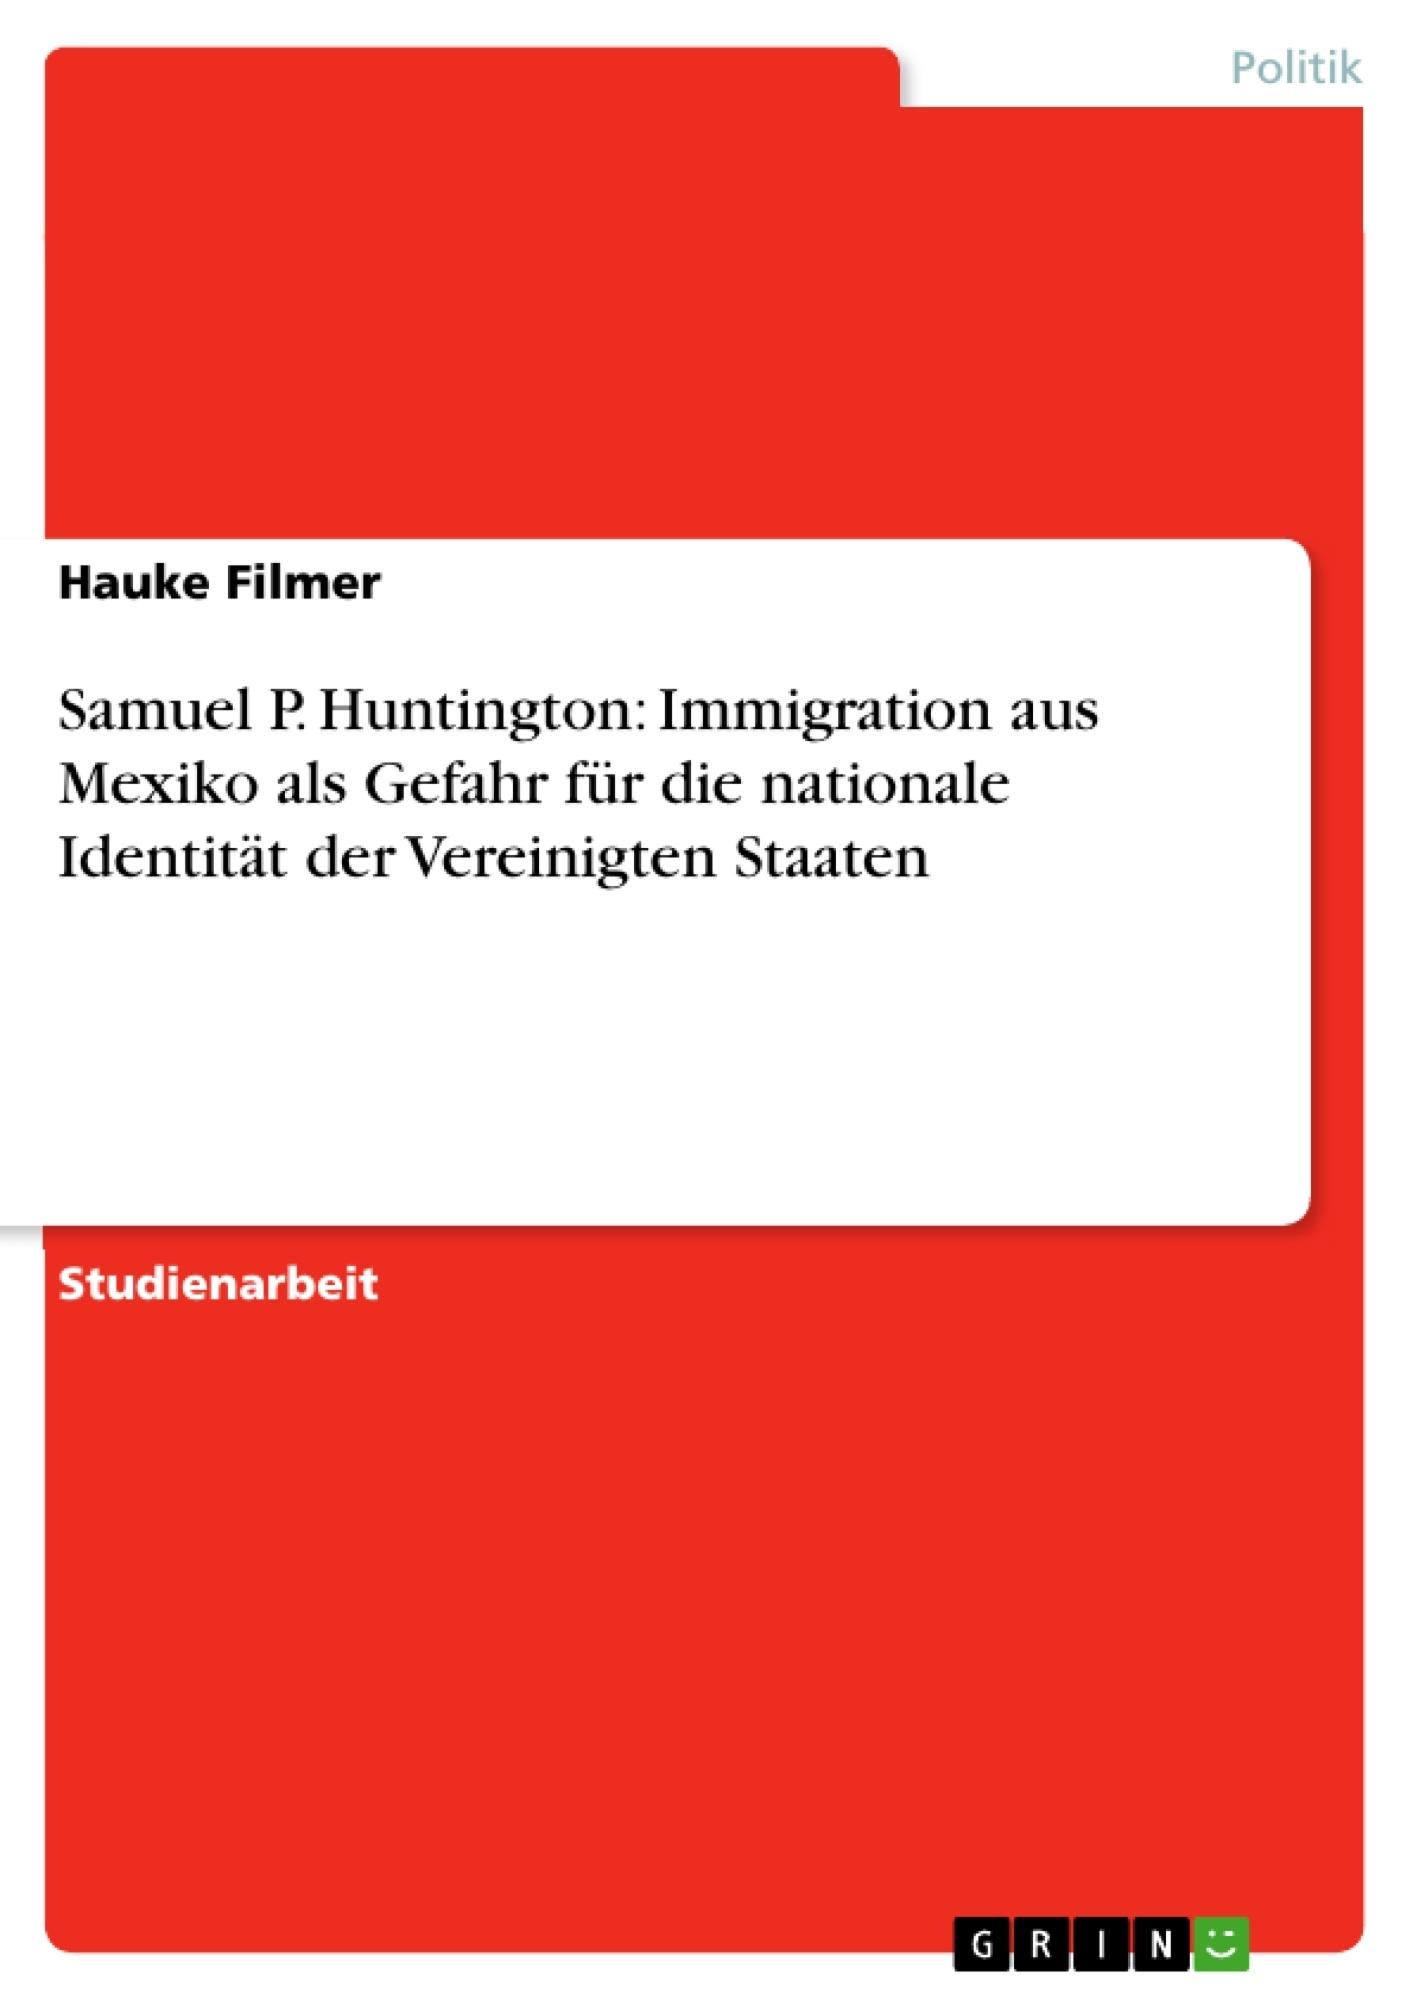 Titel: Samuel P. Huntington: Immigration aus Mexiko als Gefahr für die nationale Identität der Vereinigten Staaten